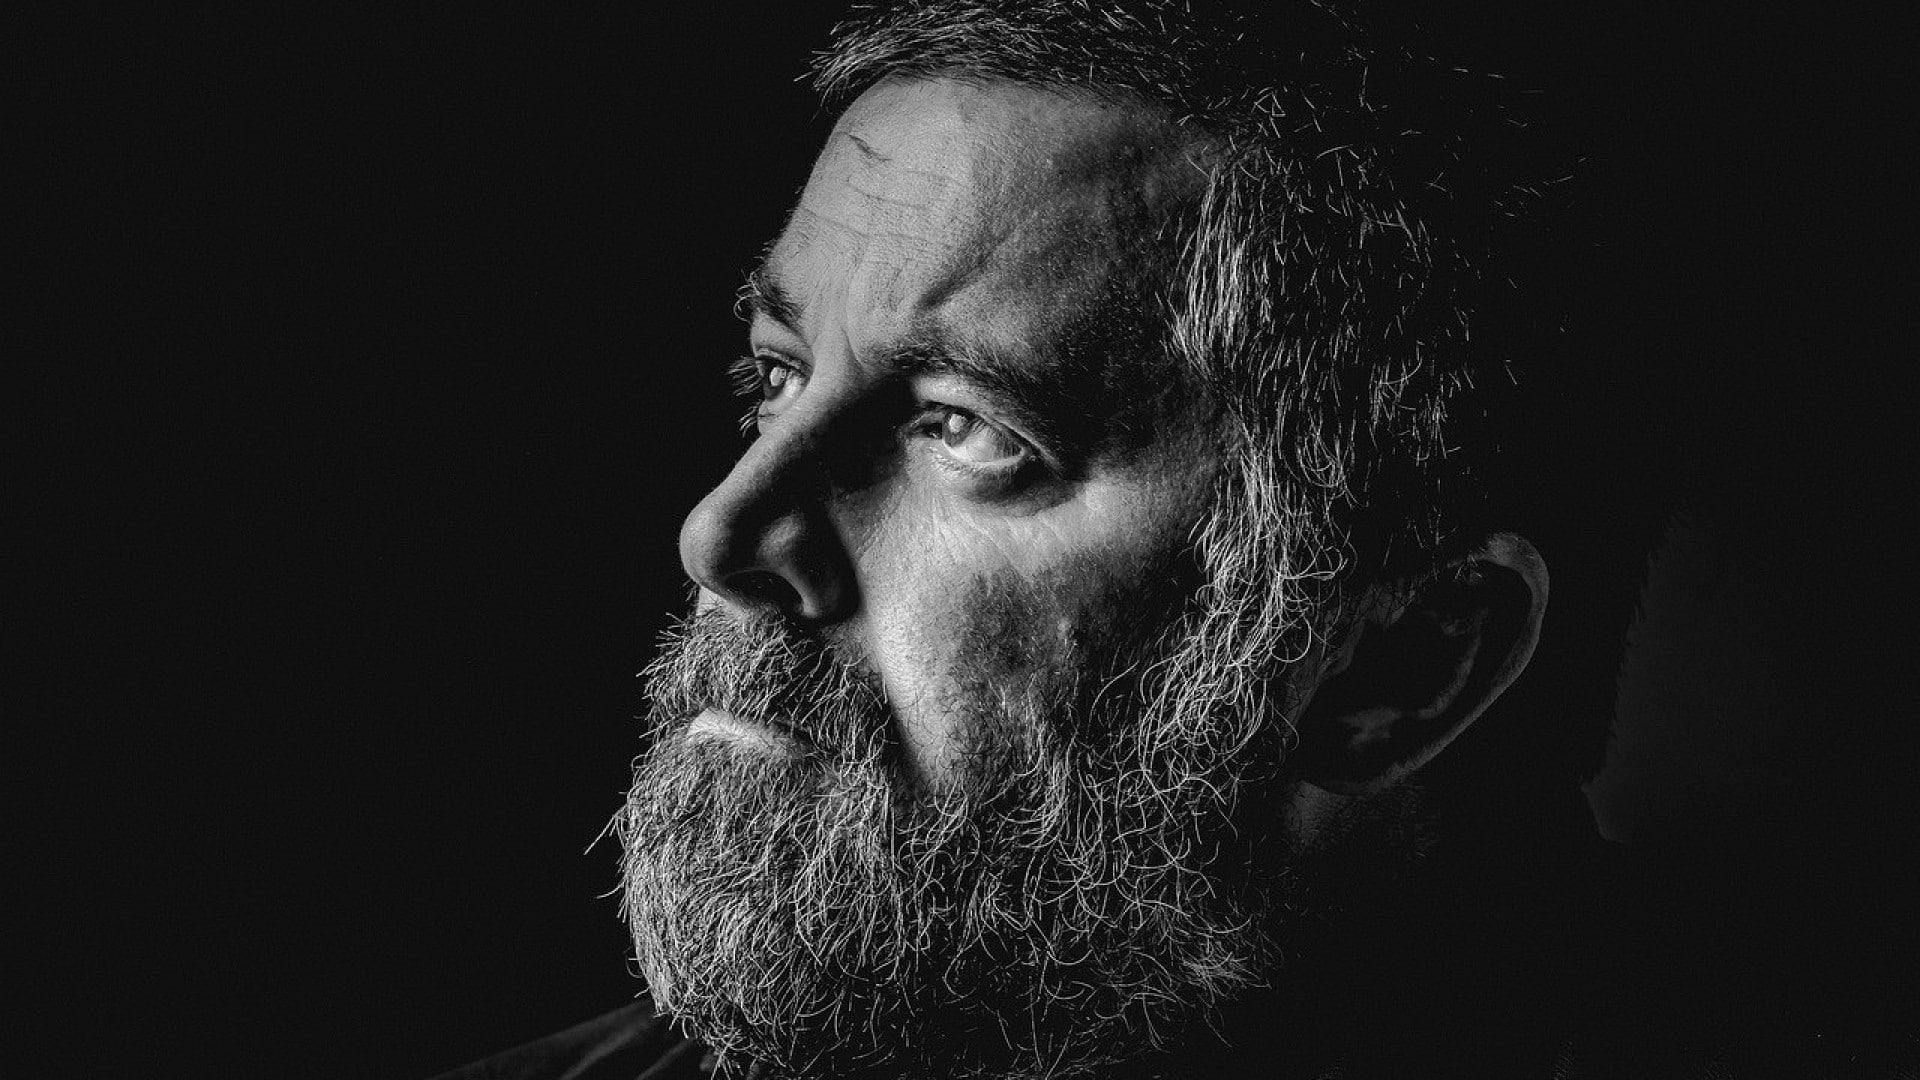 Comment prendre soin de sa barbe avec un baume ?